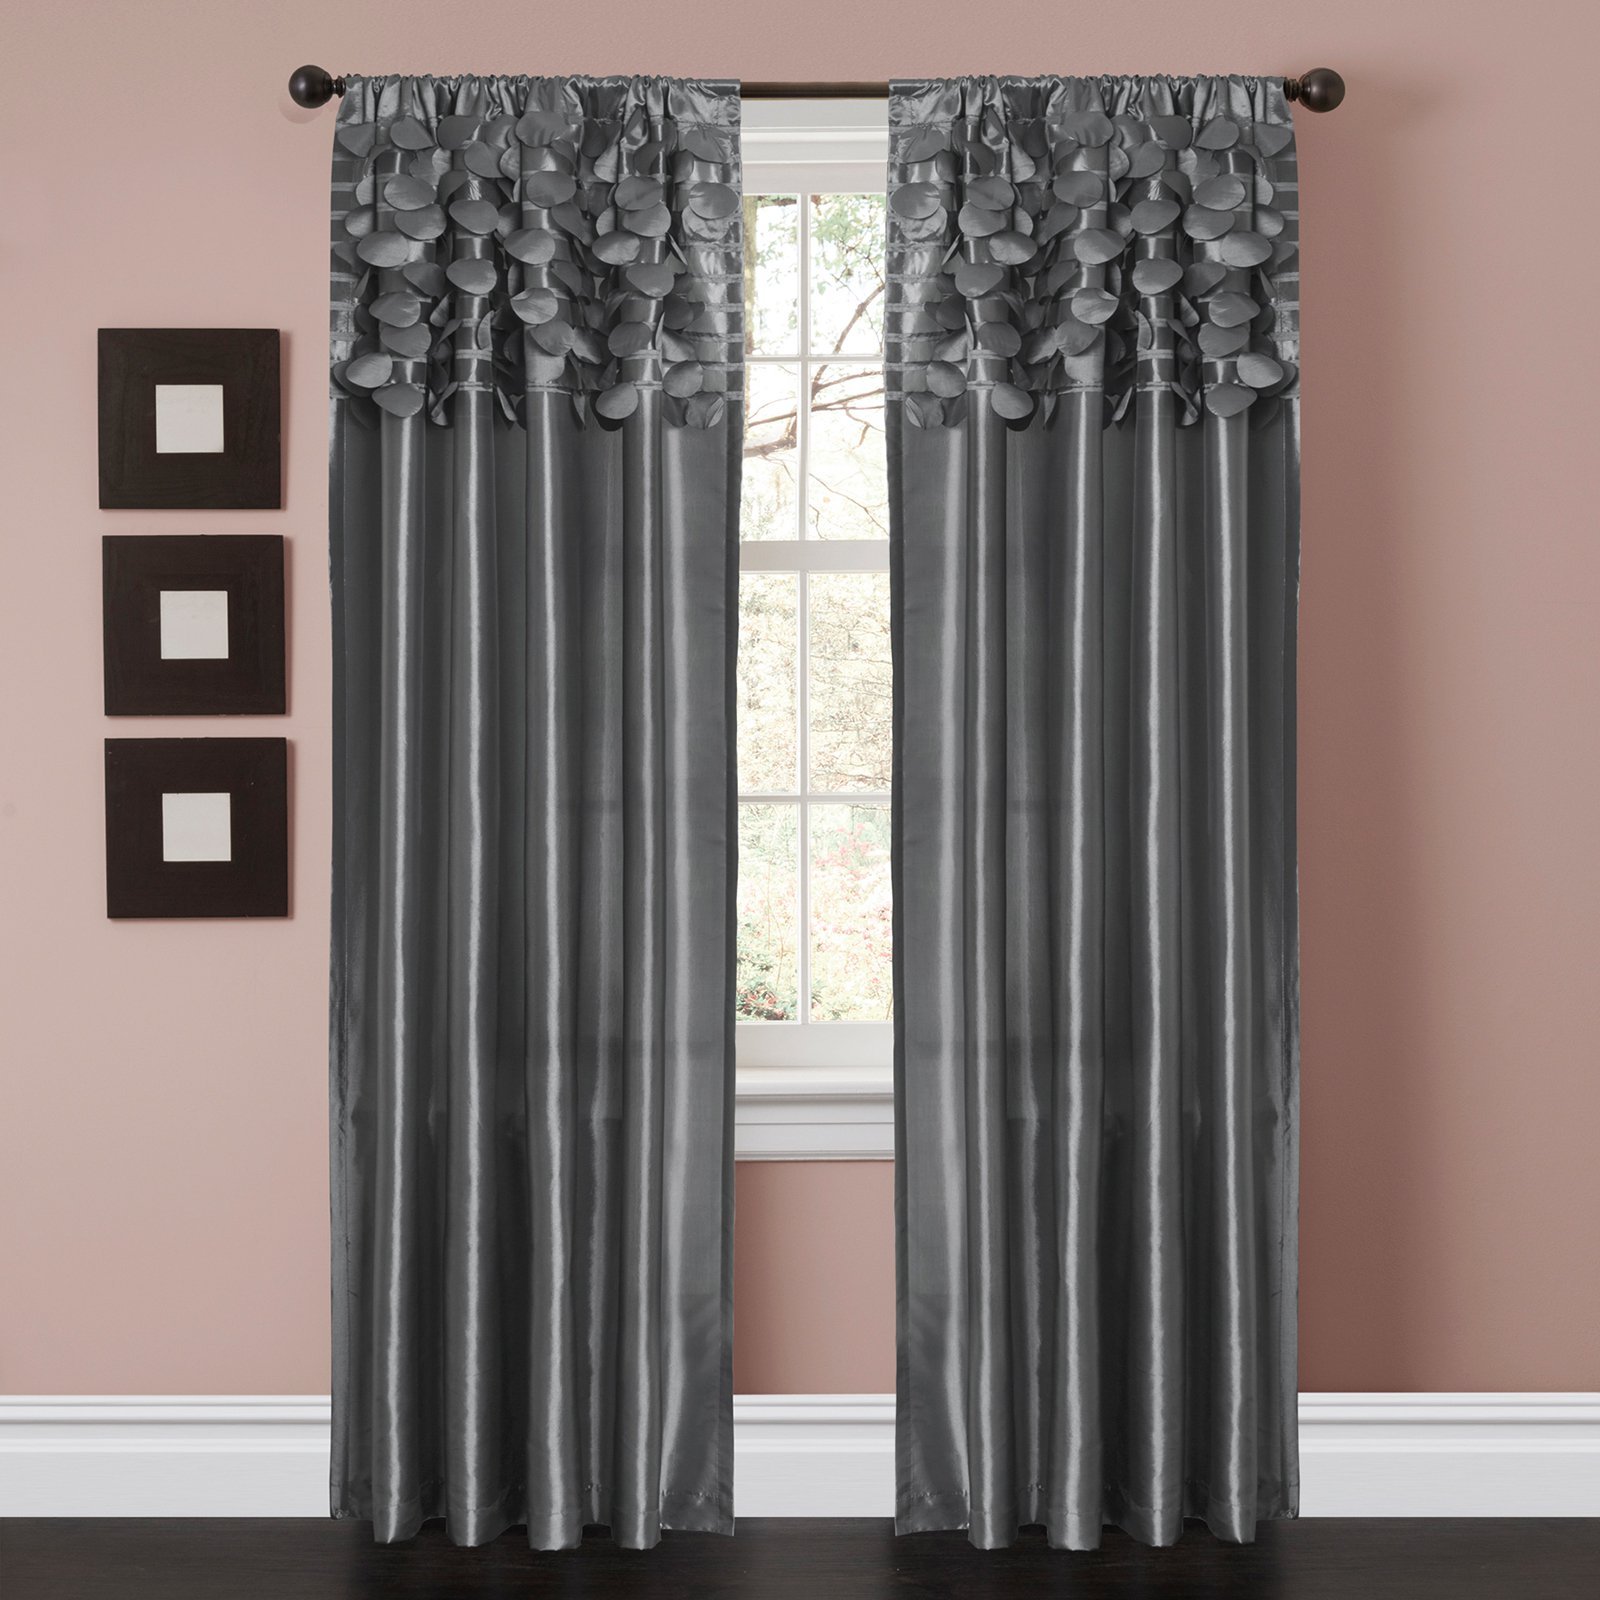 Circle Dream Window Curtains, Pair - Walmart.com